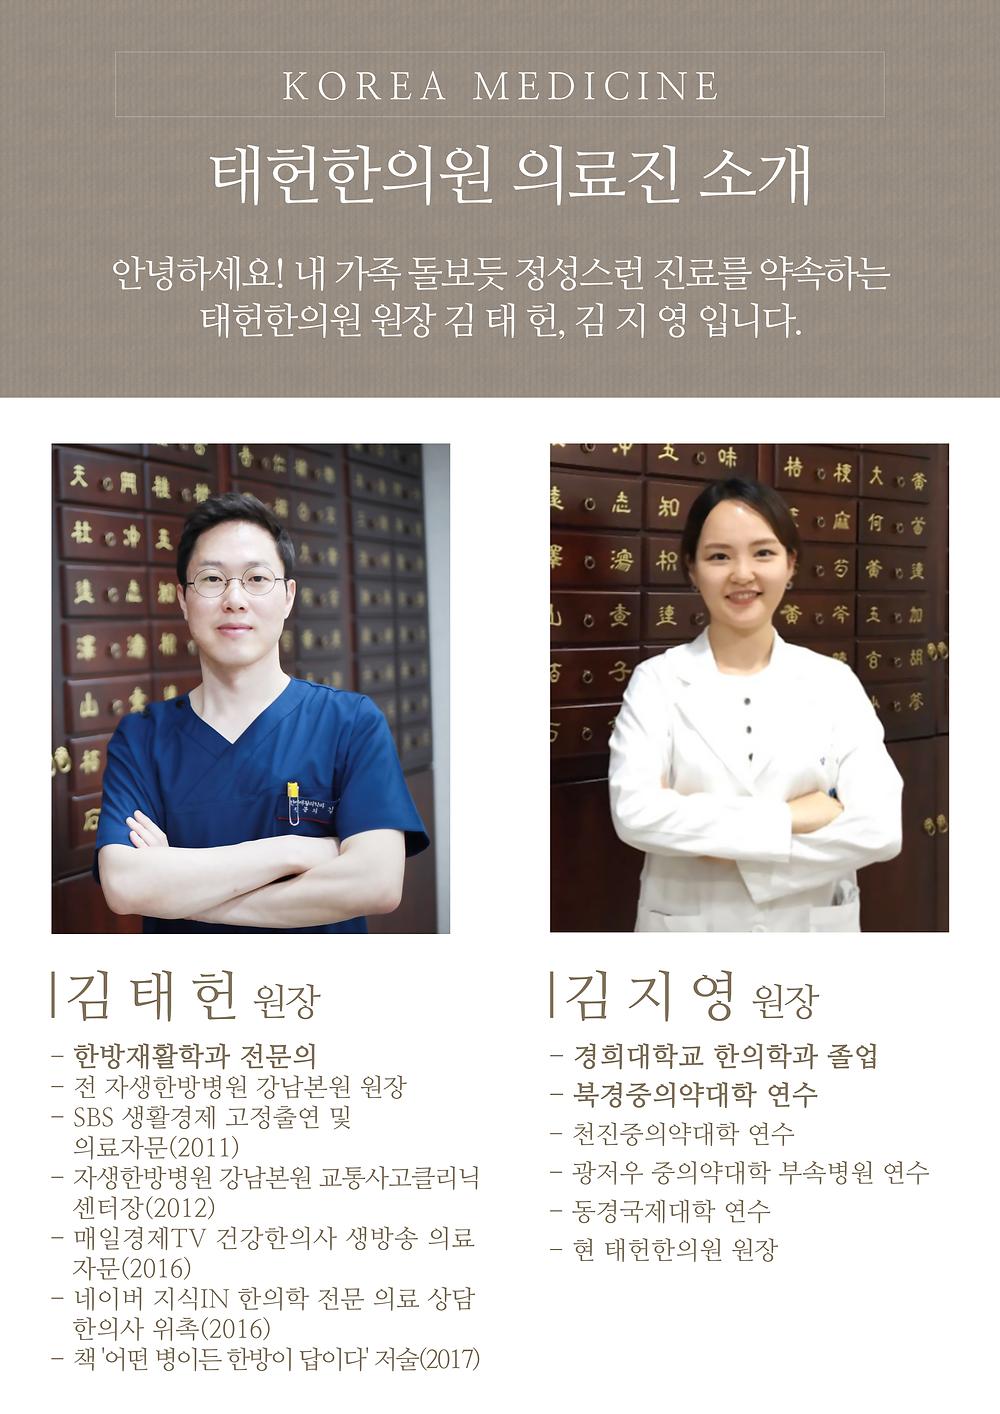 태헌한의원 의료진 소개